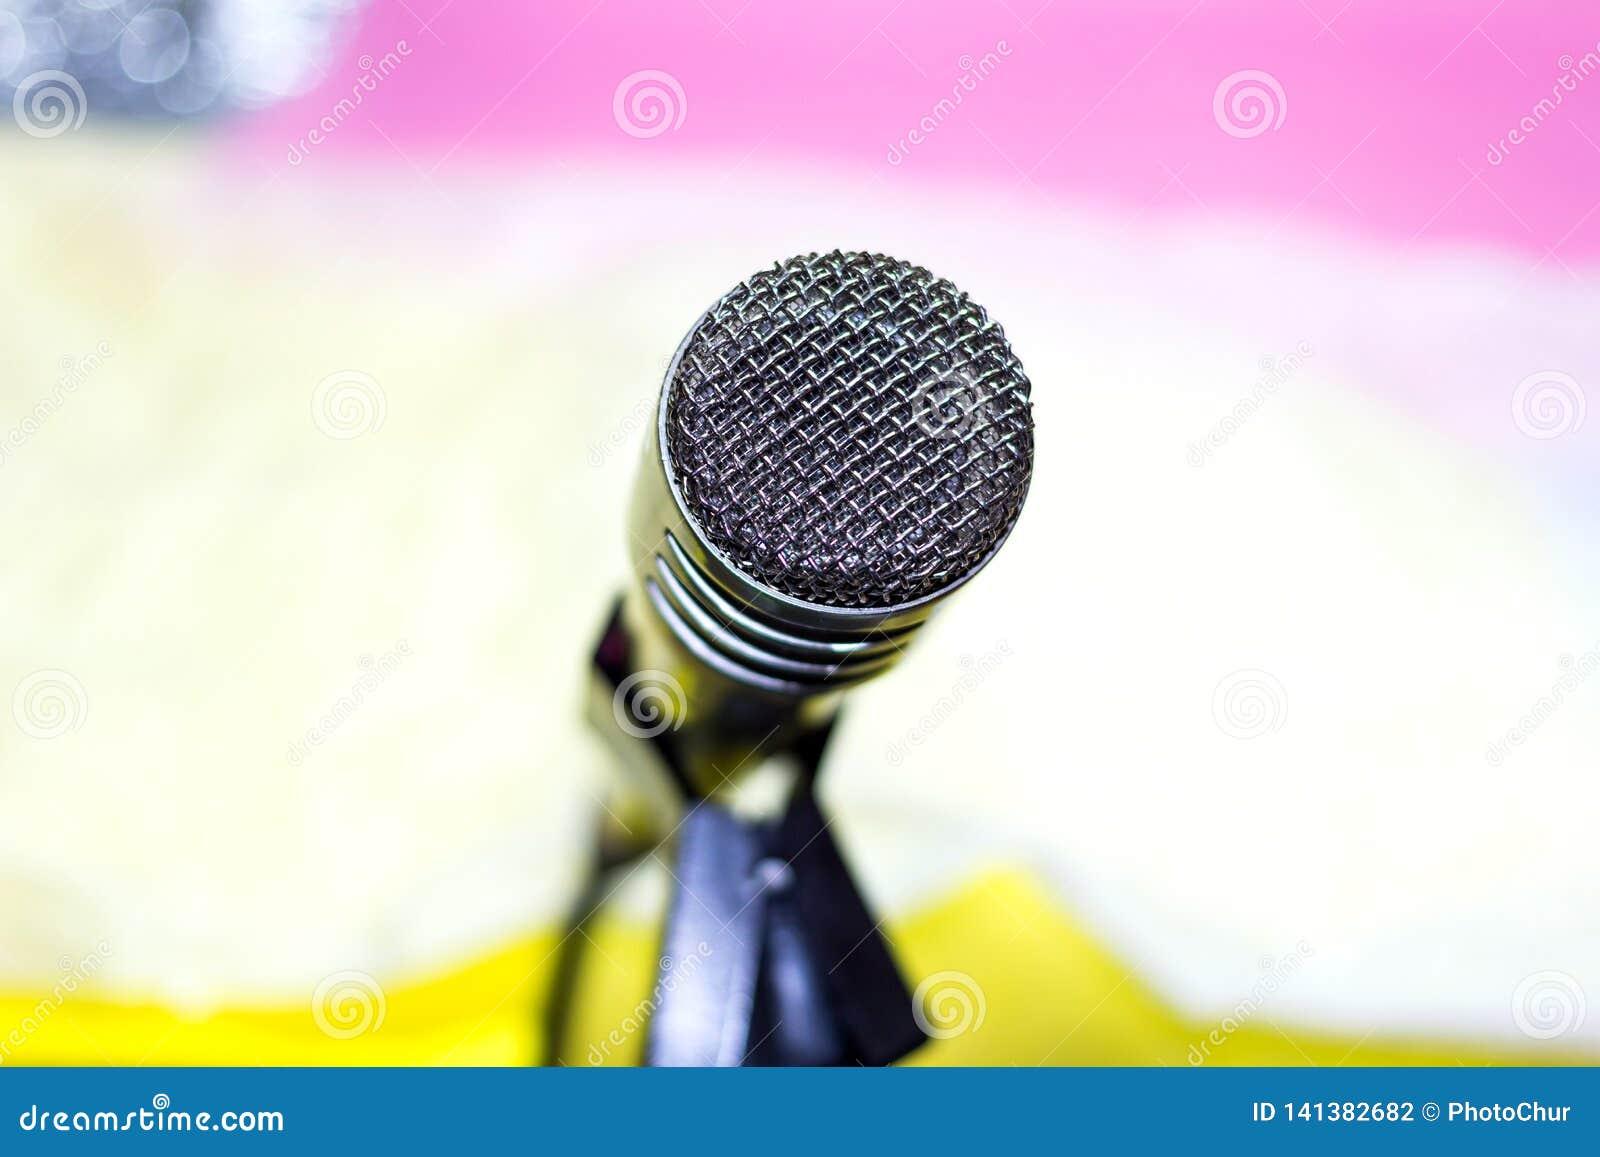 Srebny mikrofon na stojaka zbliżeniu